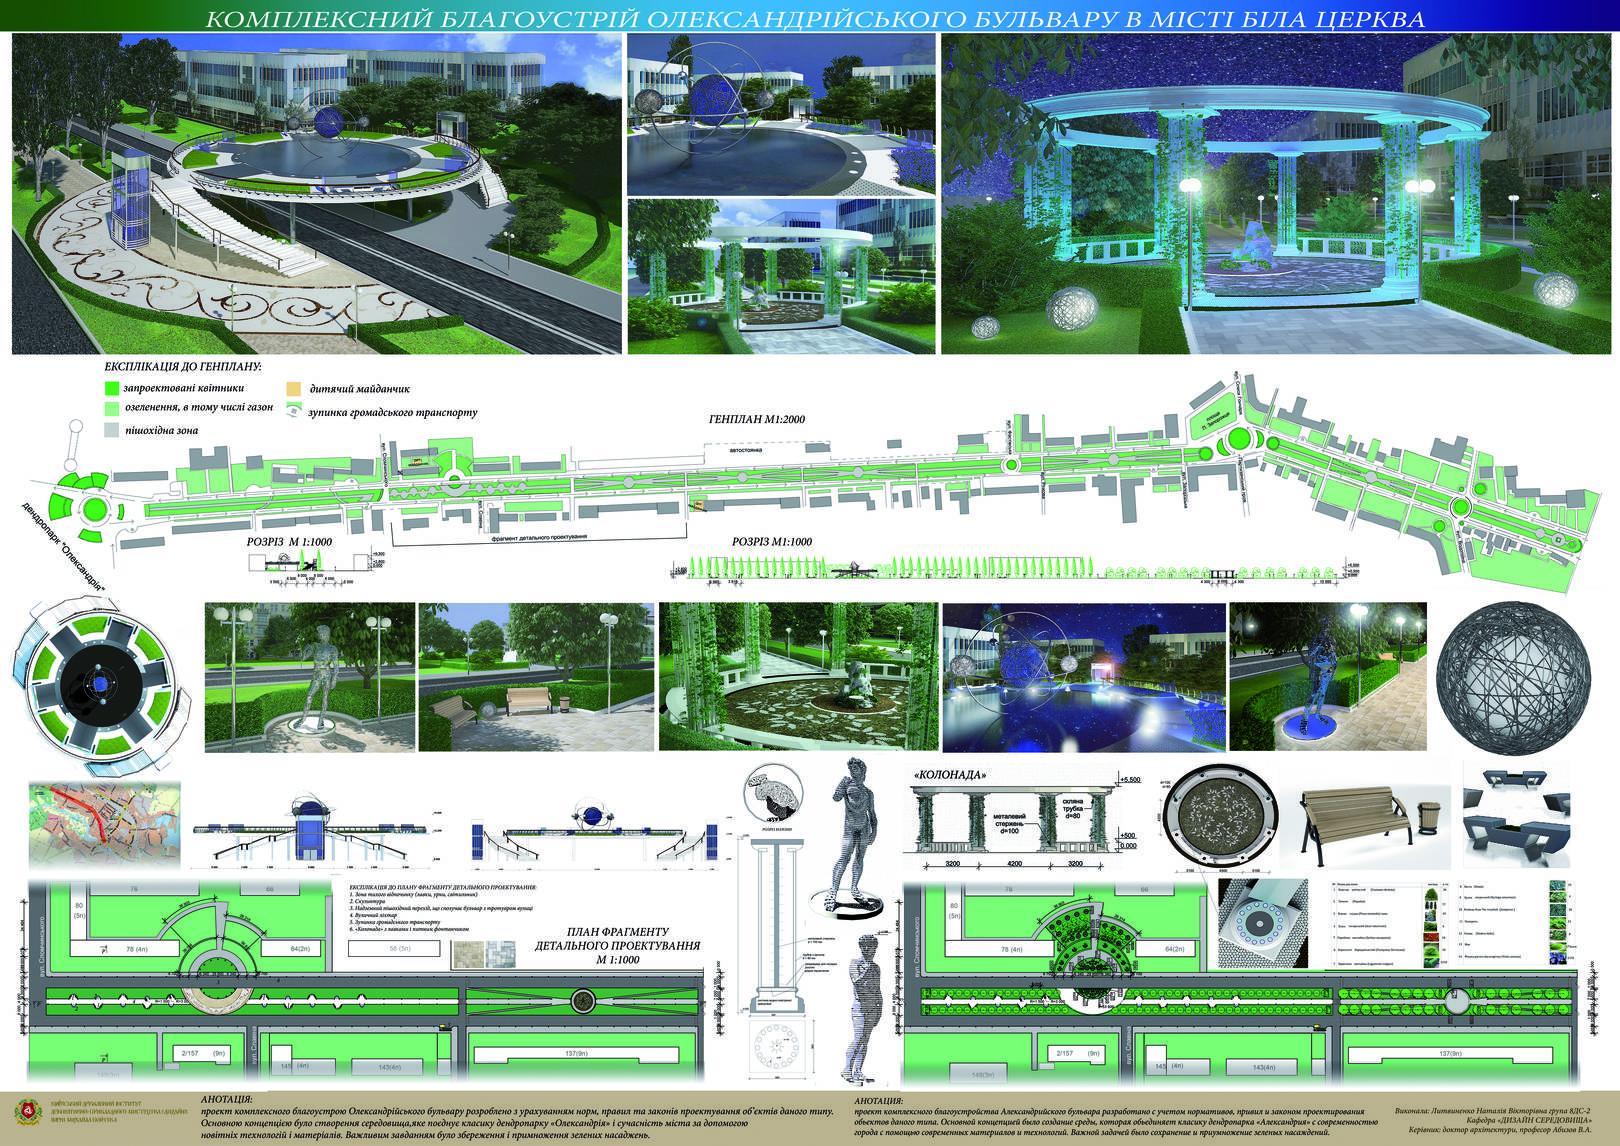 проект бульвару 3ds max,Archicad